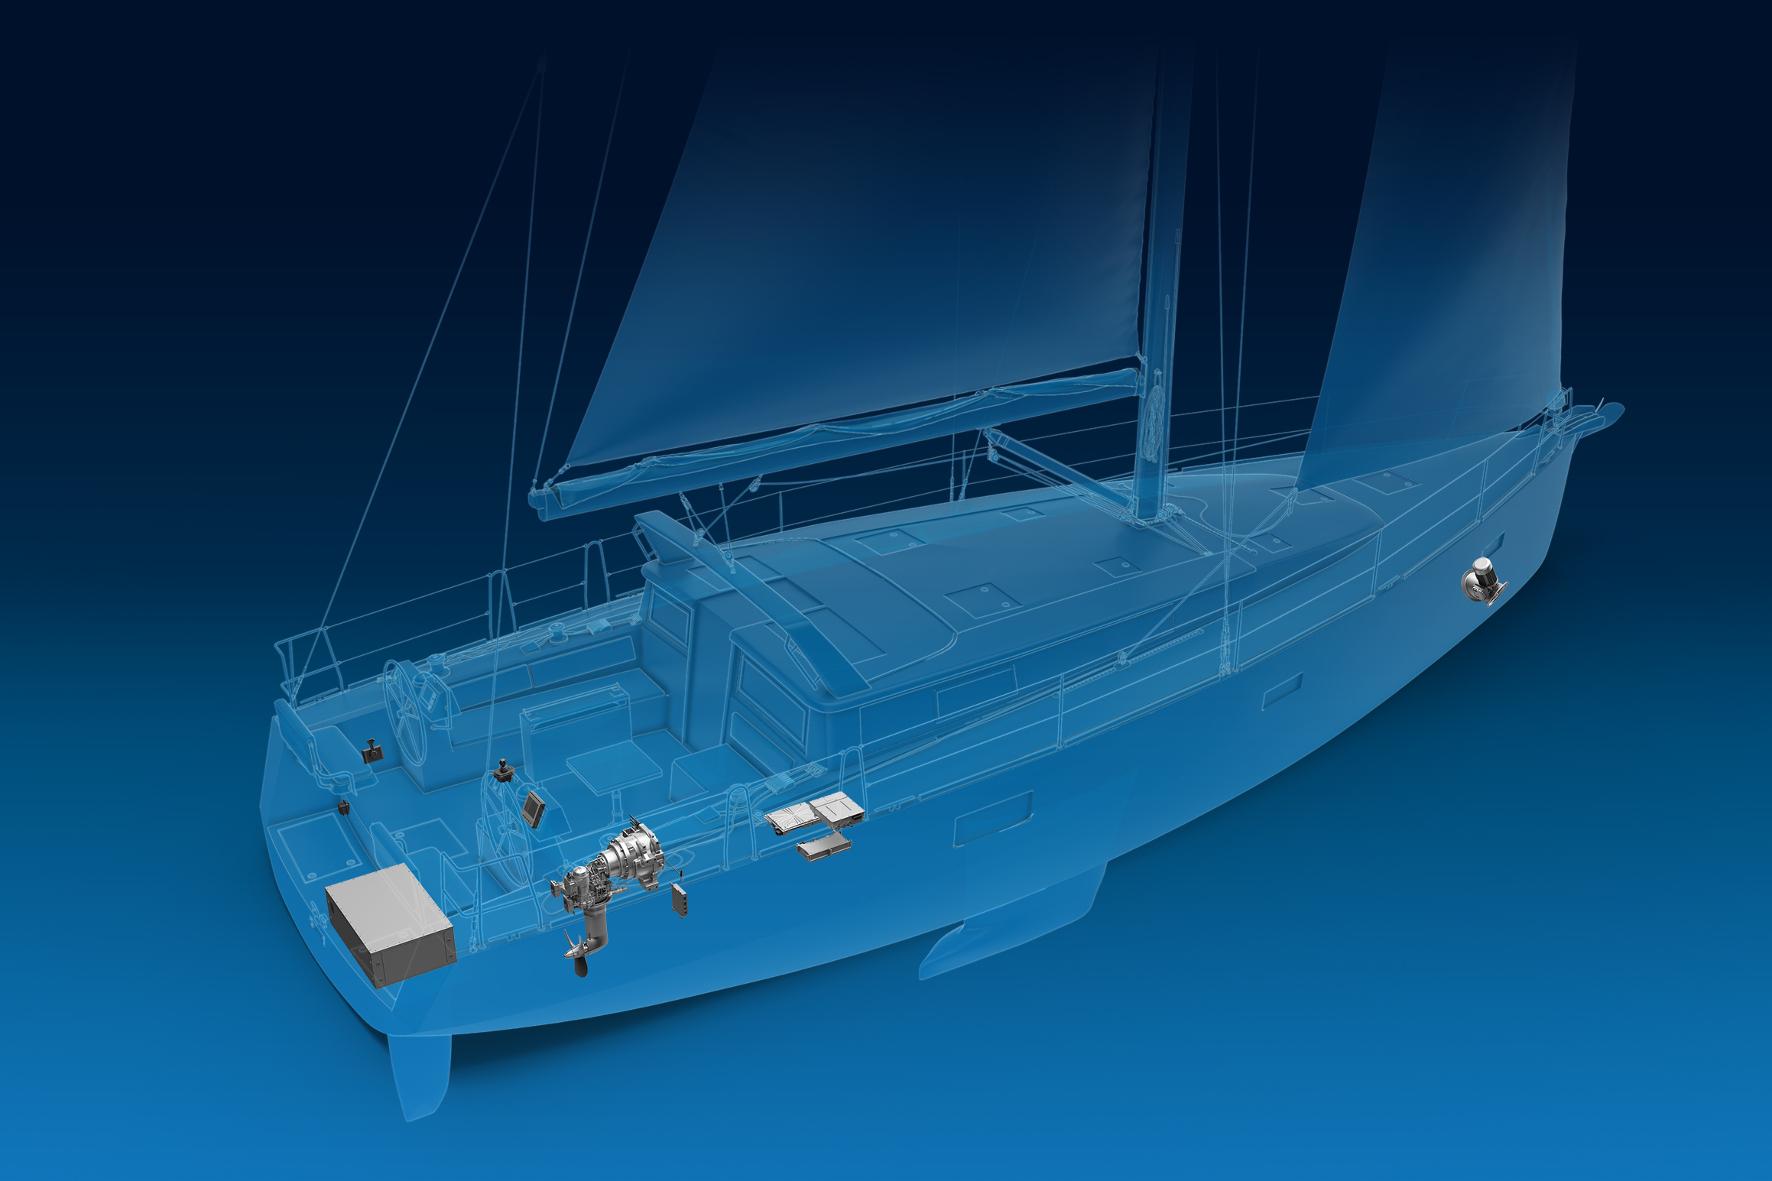 mid Groß-Gerau - Kein Lärm, keine Emissionen: ZF erprobt ein rein elektrisches Antriebssystem seit September 2019 in einem Innovationsschiff. ZF